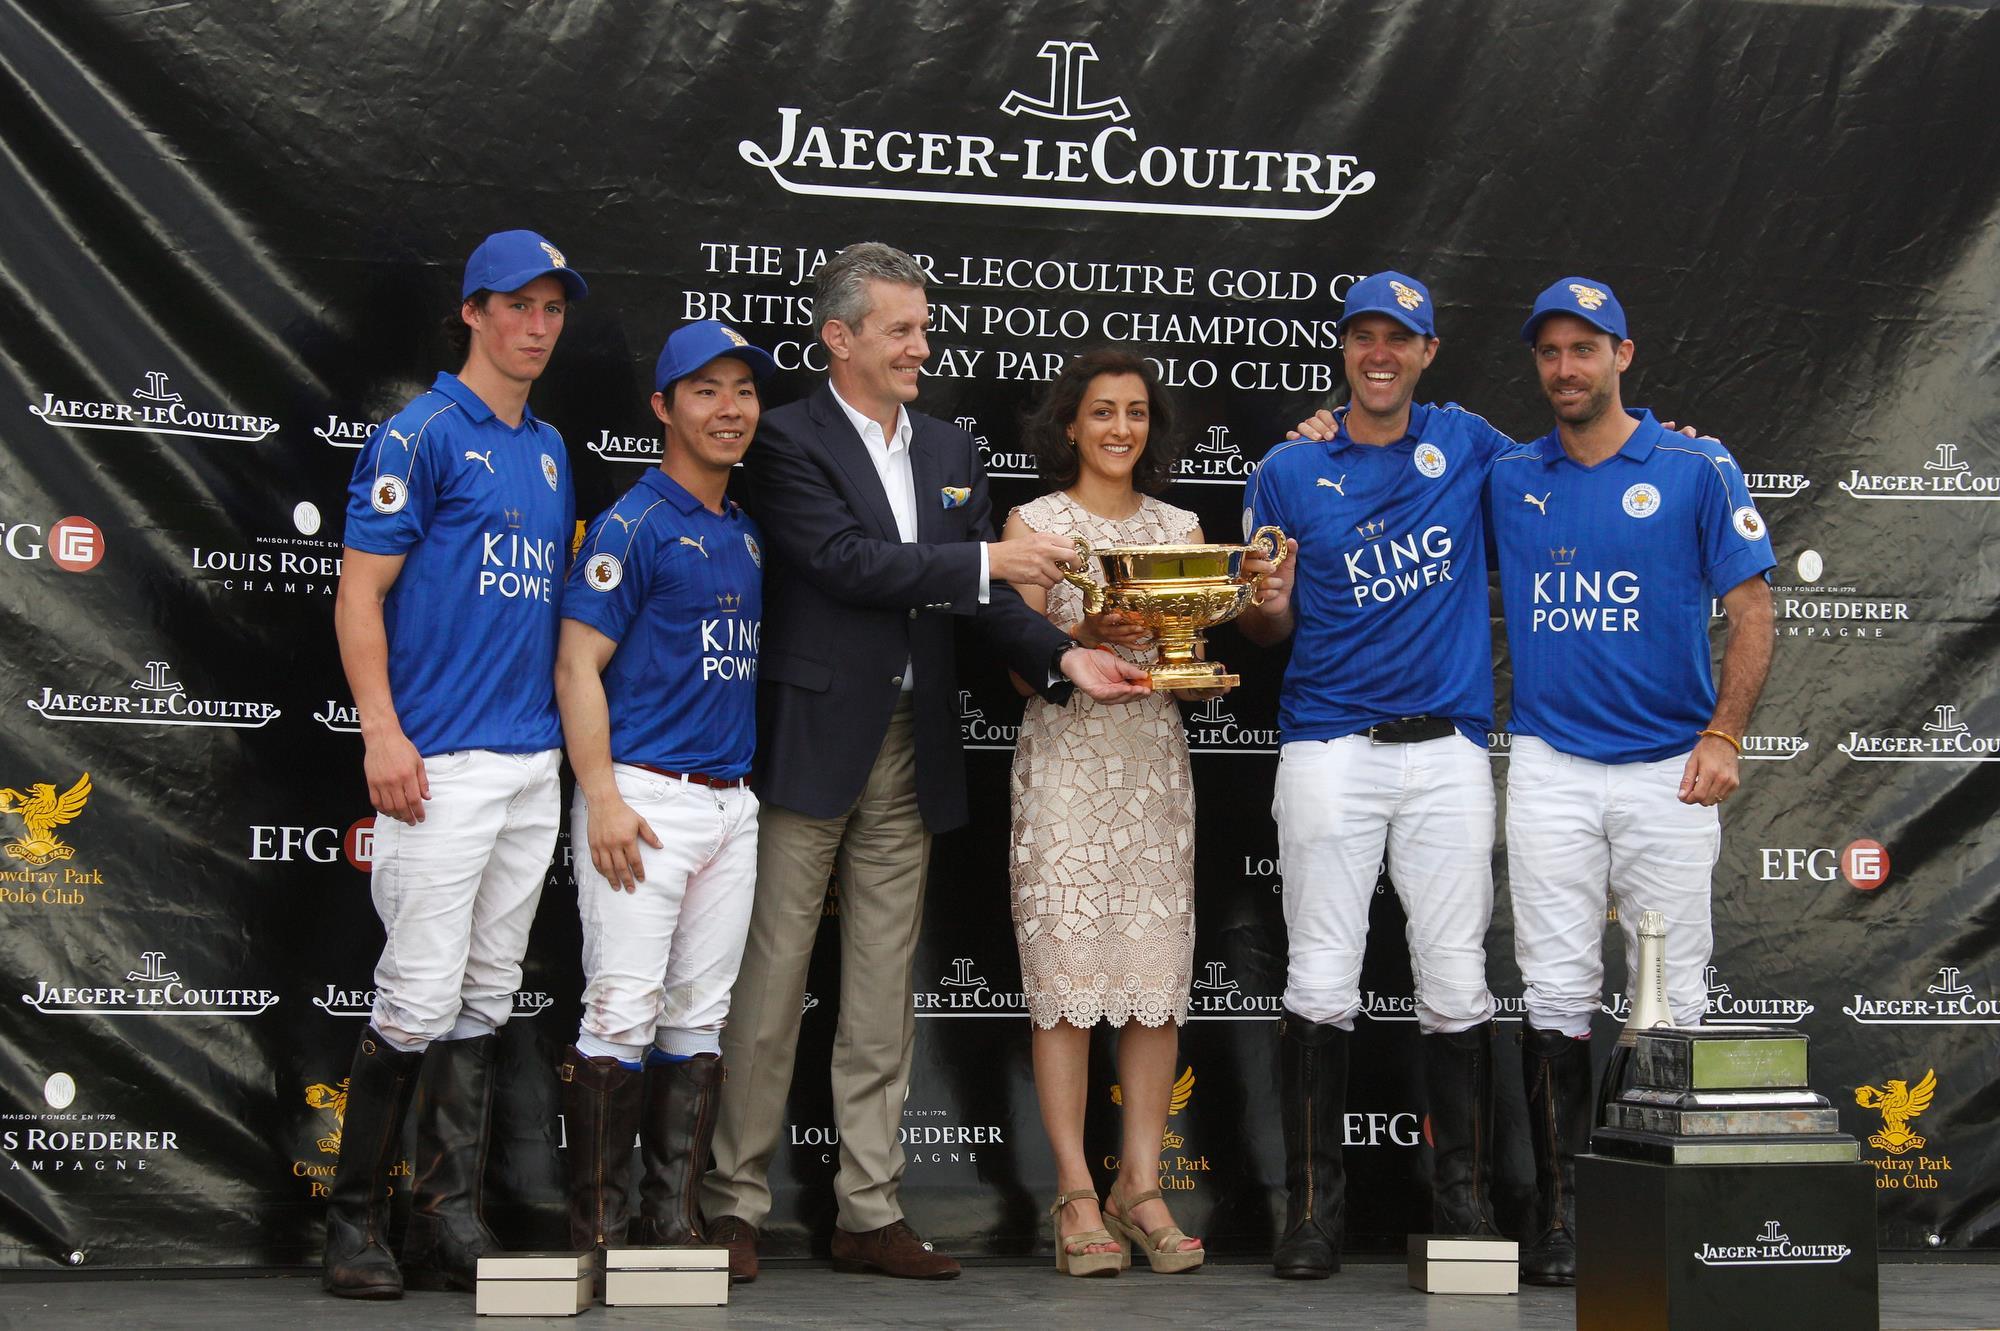 Jaeger-LeCoultre Gold Cup Semi Finals